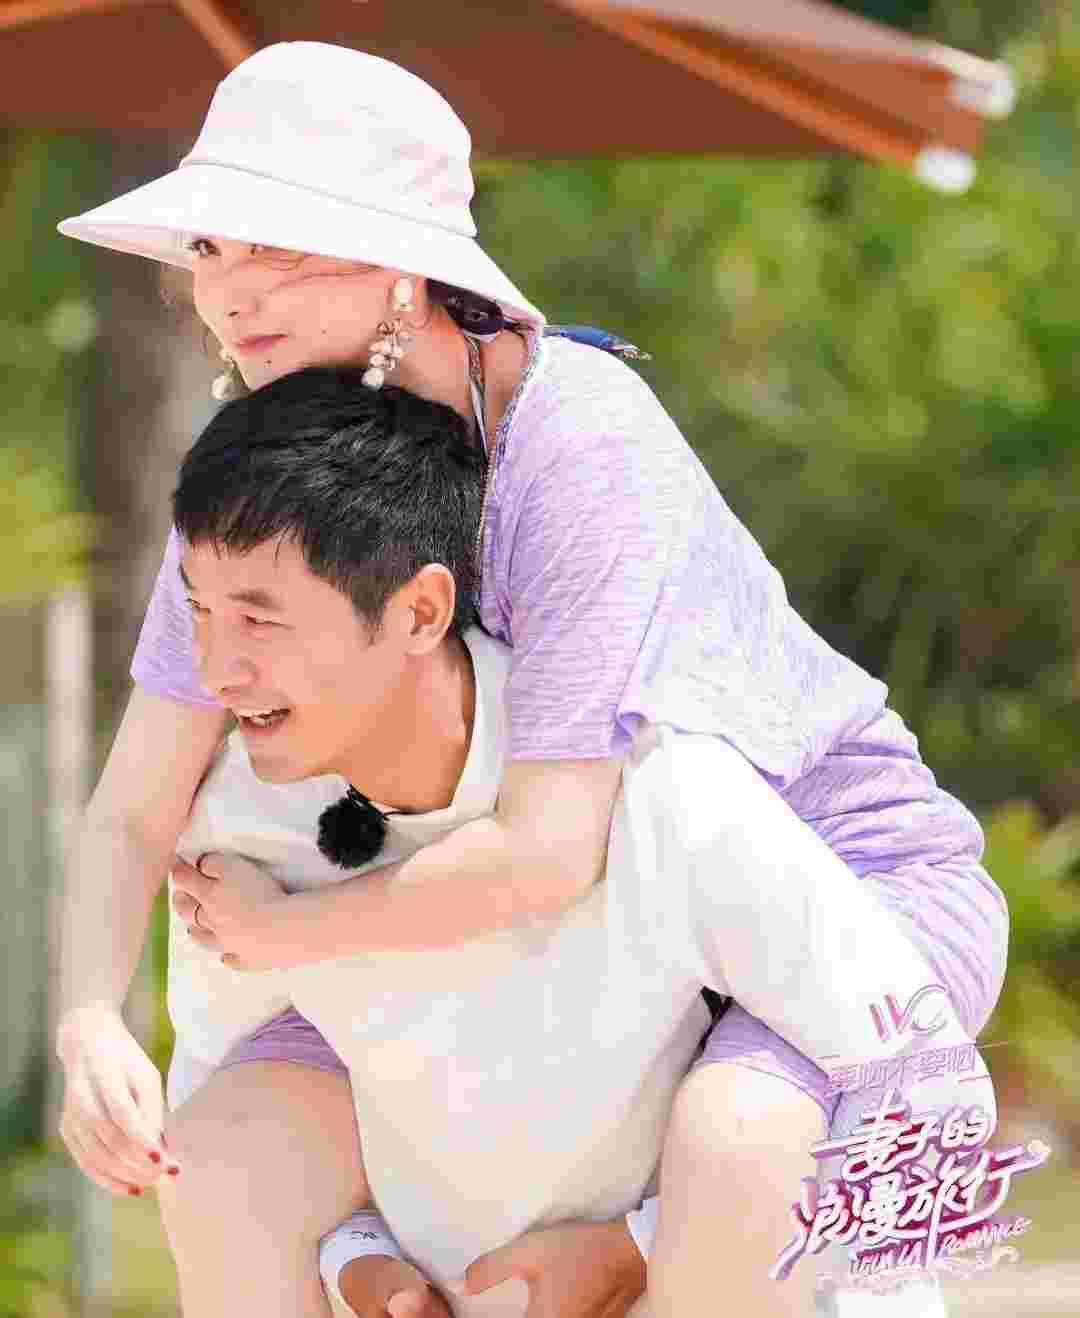 """妻子的浪漫旅行里,比老公更重要的是""""金华防晒"""""""